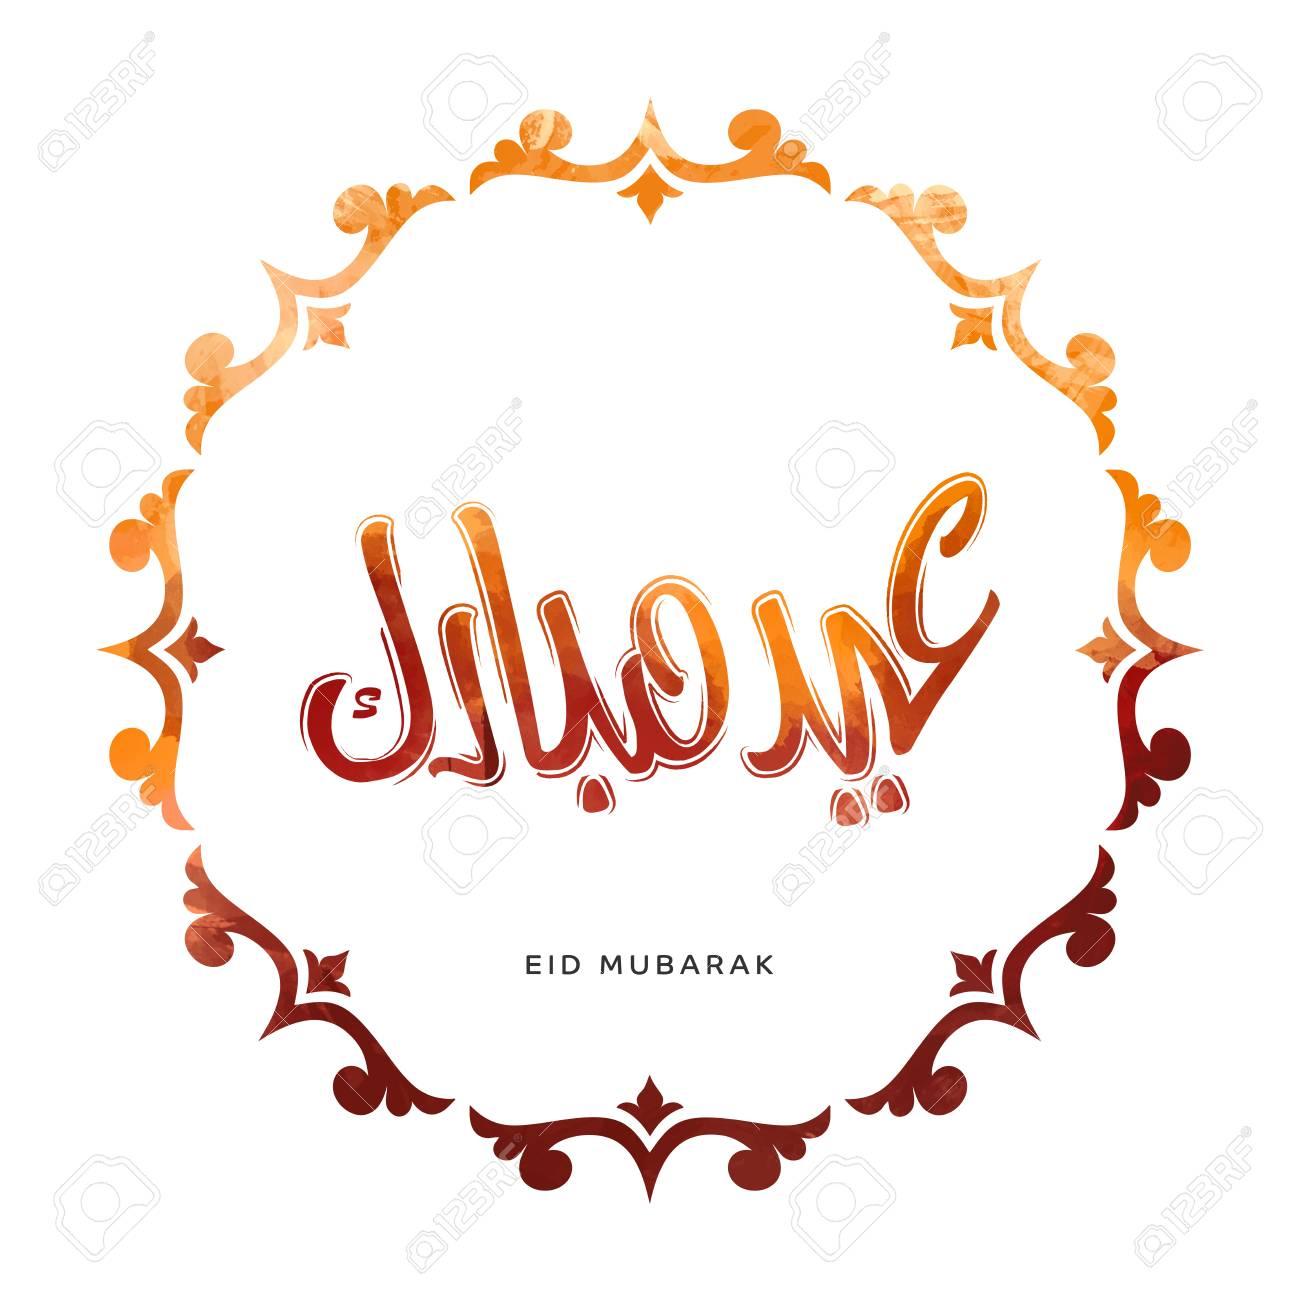 Top Arabic Eid Al-Fitr Greeting - 84944103-arabic-calligraphy-of-an-eid-greeting-happy-eid-al-adha-eid-al-fitr-eid-mubarak-beautiful-greeting-c  Gallery_916070 .jpg